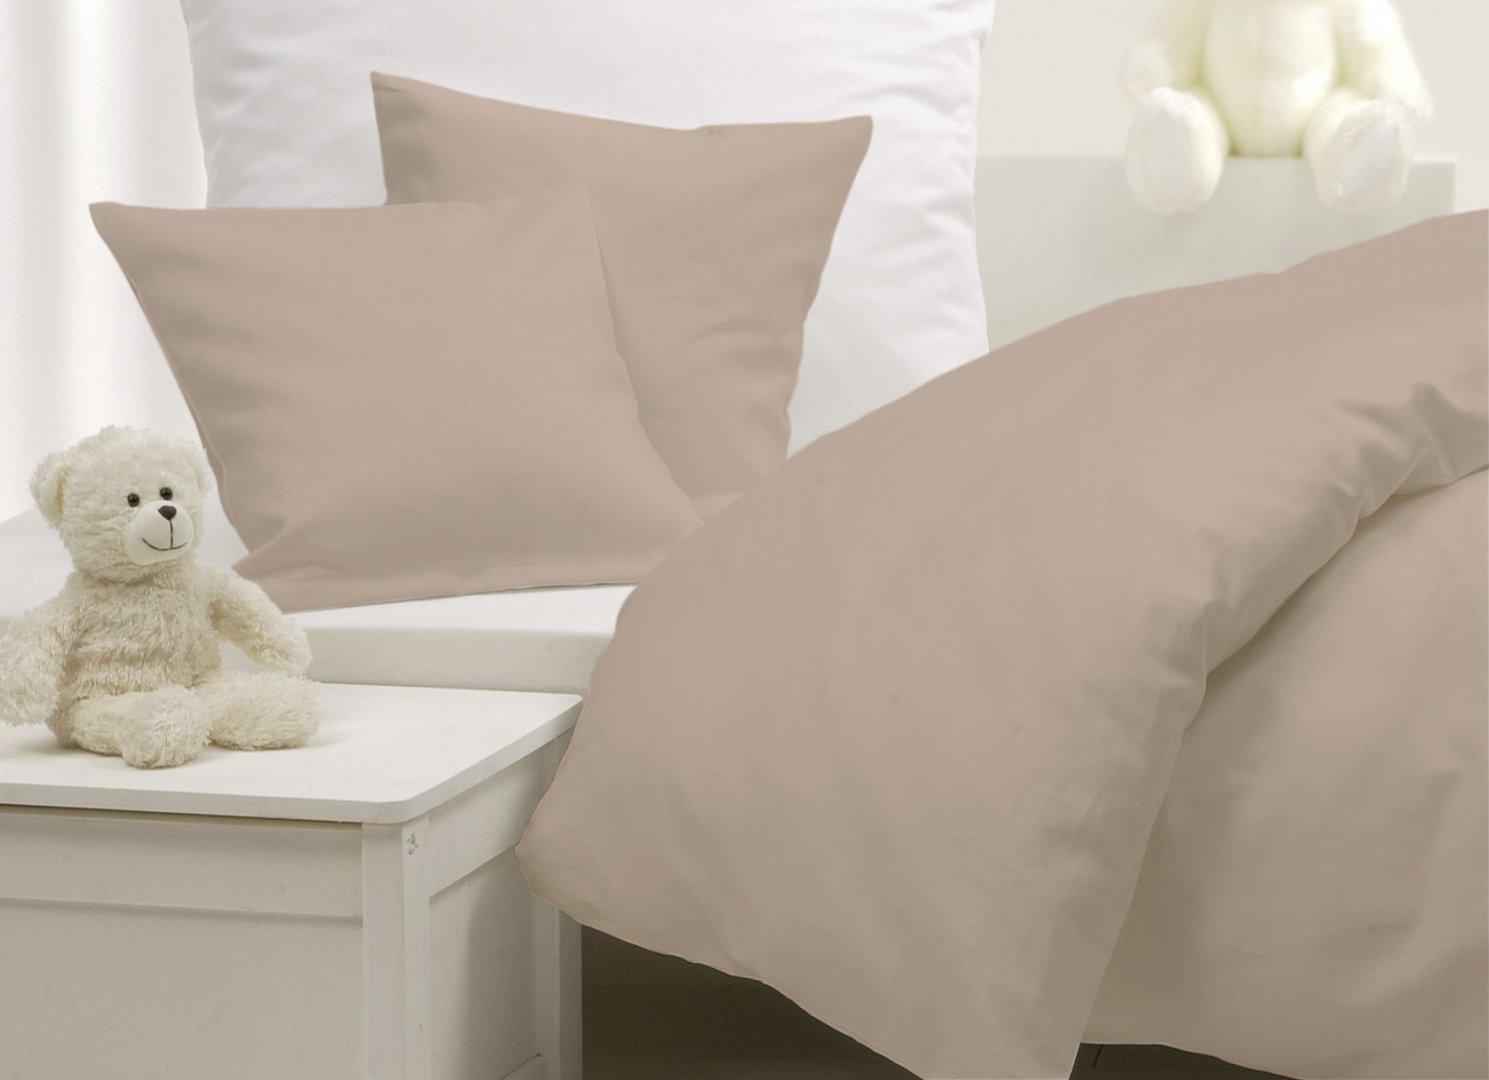 linge de lit d fauts de fabrication second choix pas cher. Black Bedroom Furniture Sets. Home Design Ideas